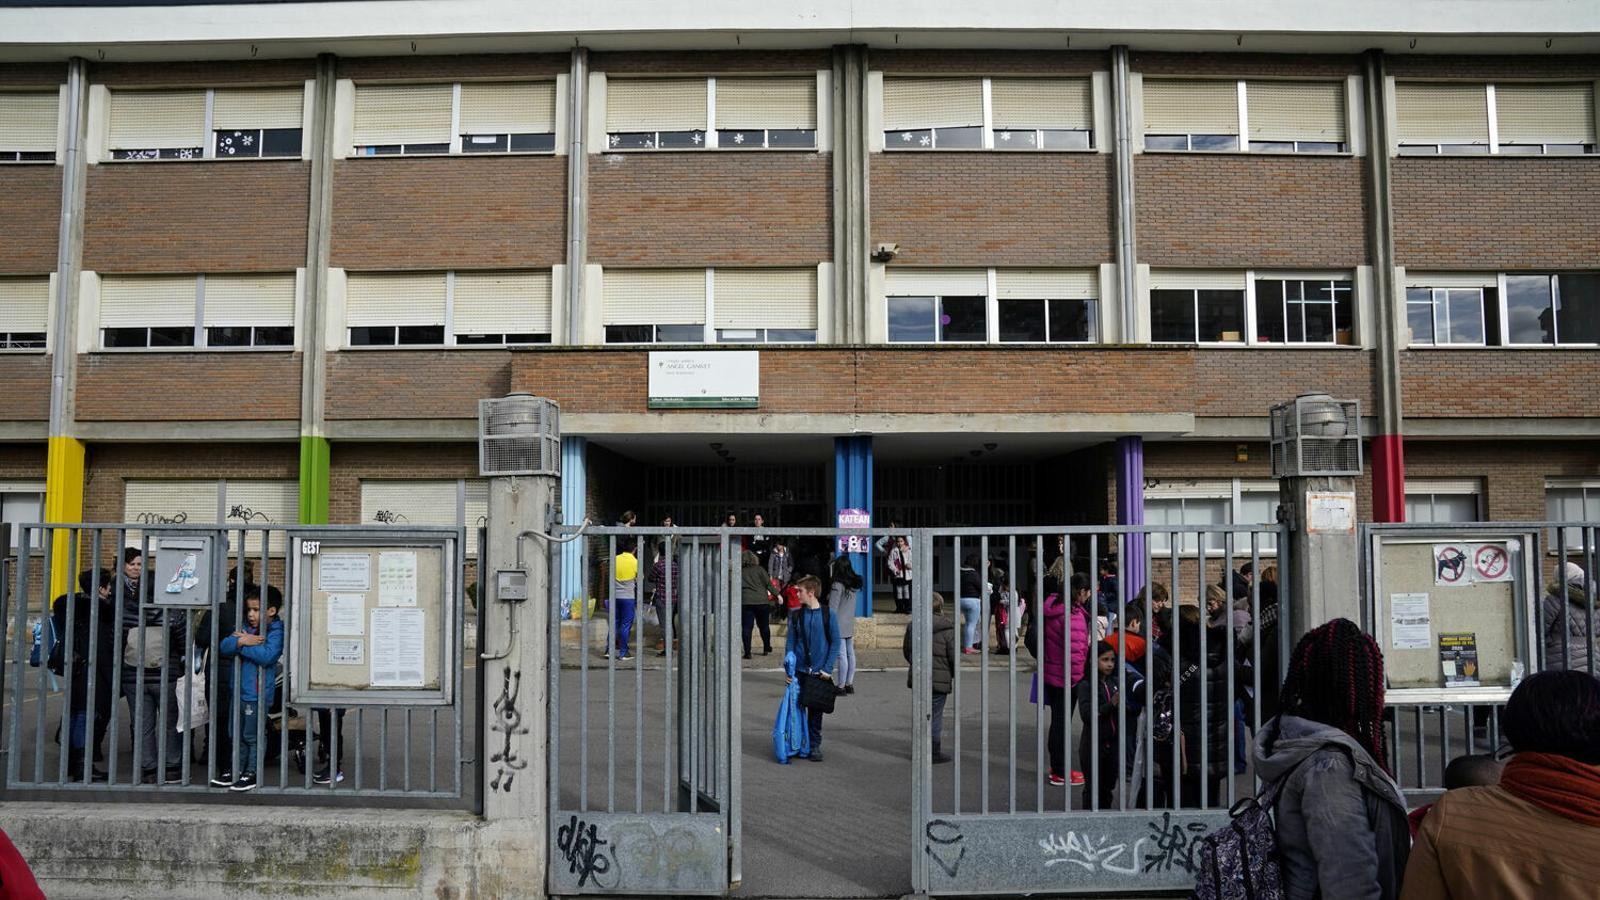 Pares i fills abandonen una escola primària després de l'anunci de tancar escoles per controlar el coronavirus, a Vitòria